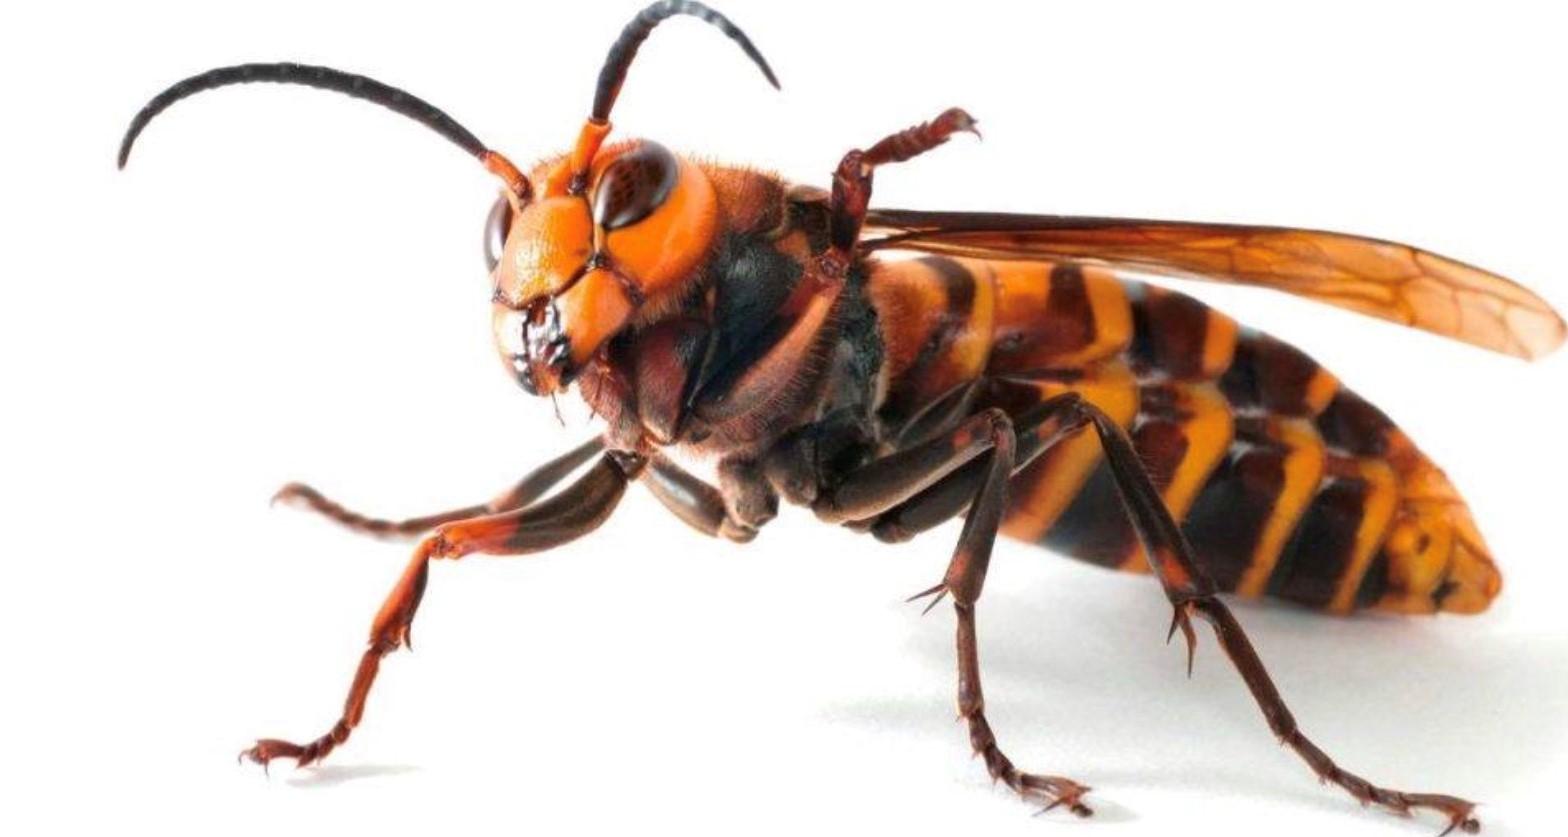 Su tamaño puede ser comparado con el de una cucaracha de agua o un escarabajo.